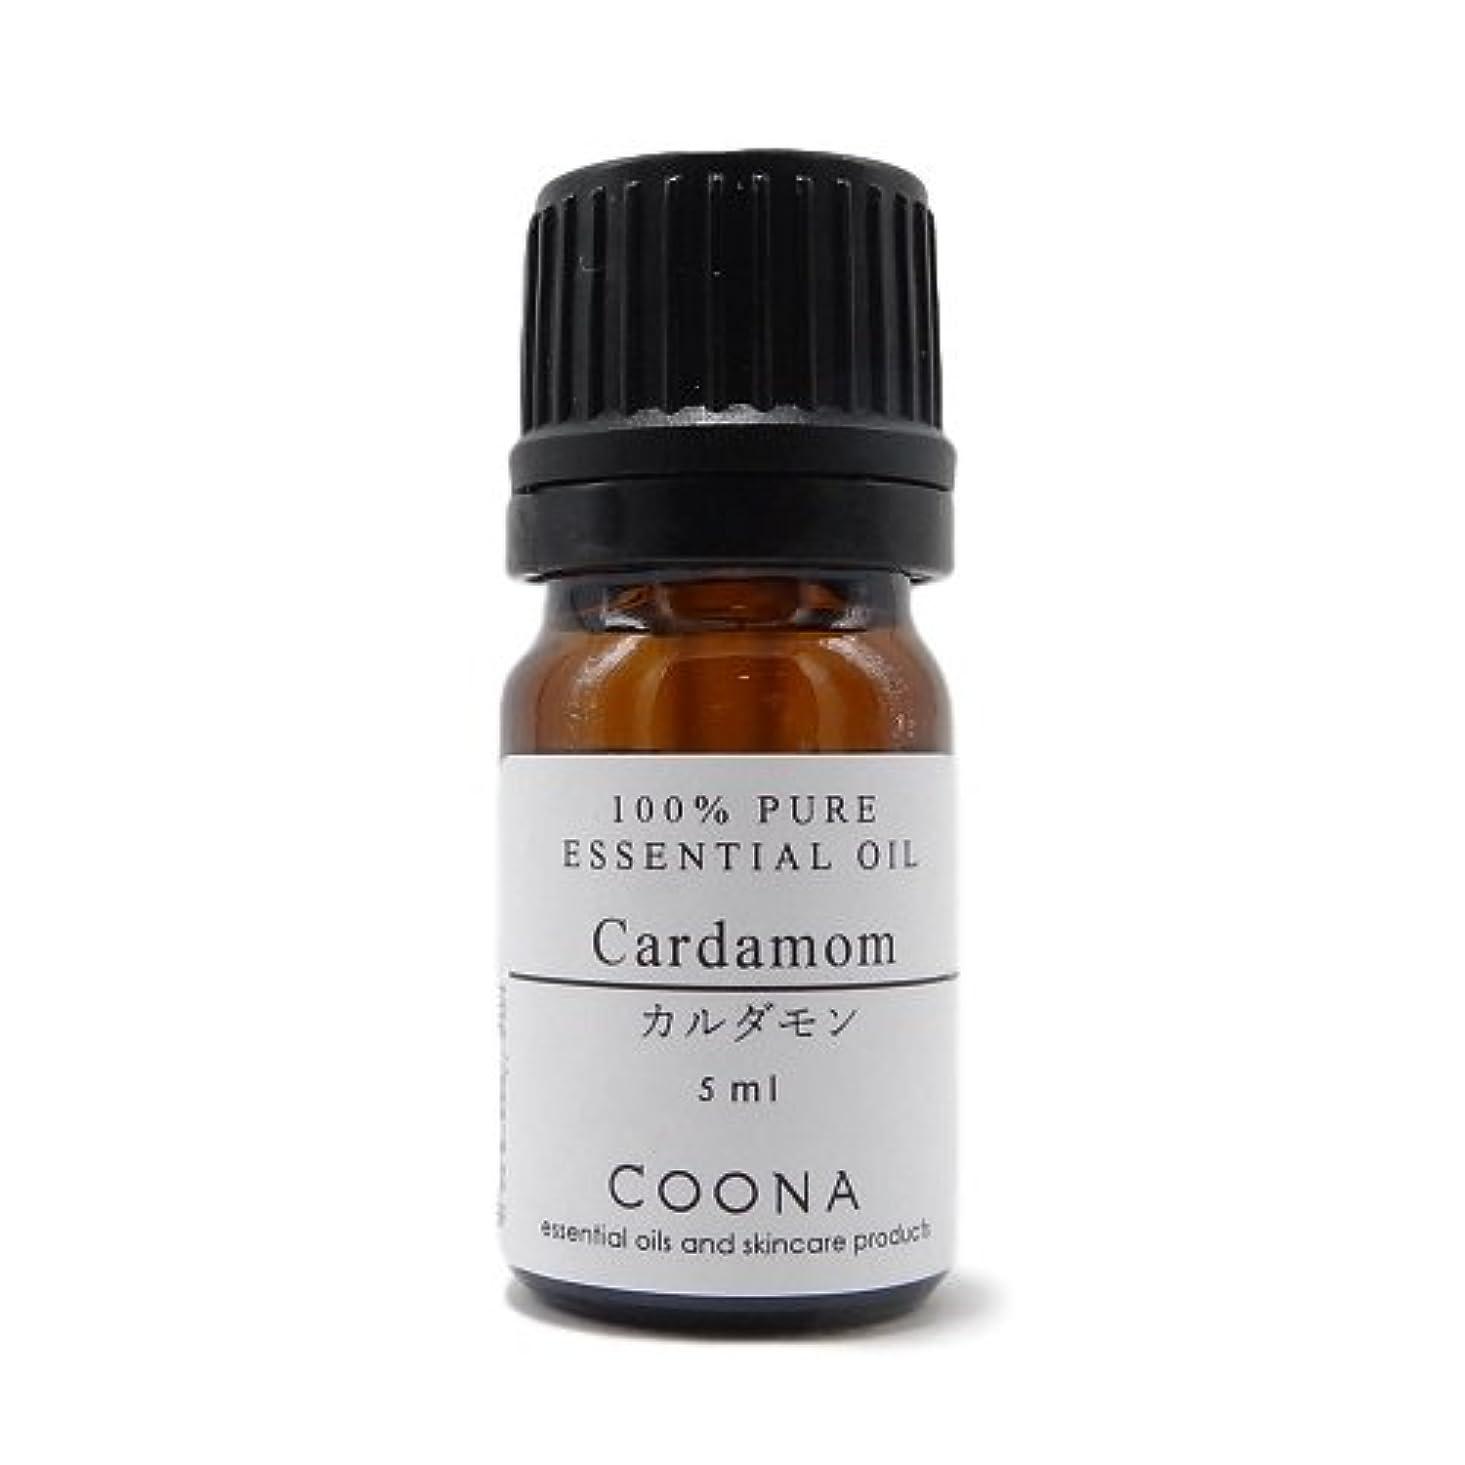 予算危険とにかくカルダモン 5 ml (COONA エッセンシャルオイル アロマオイル 100%天然植物精油)